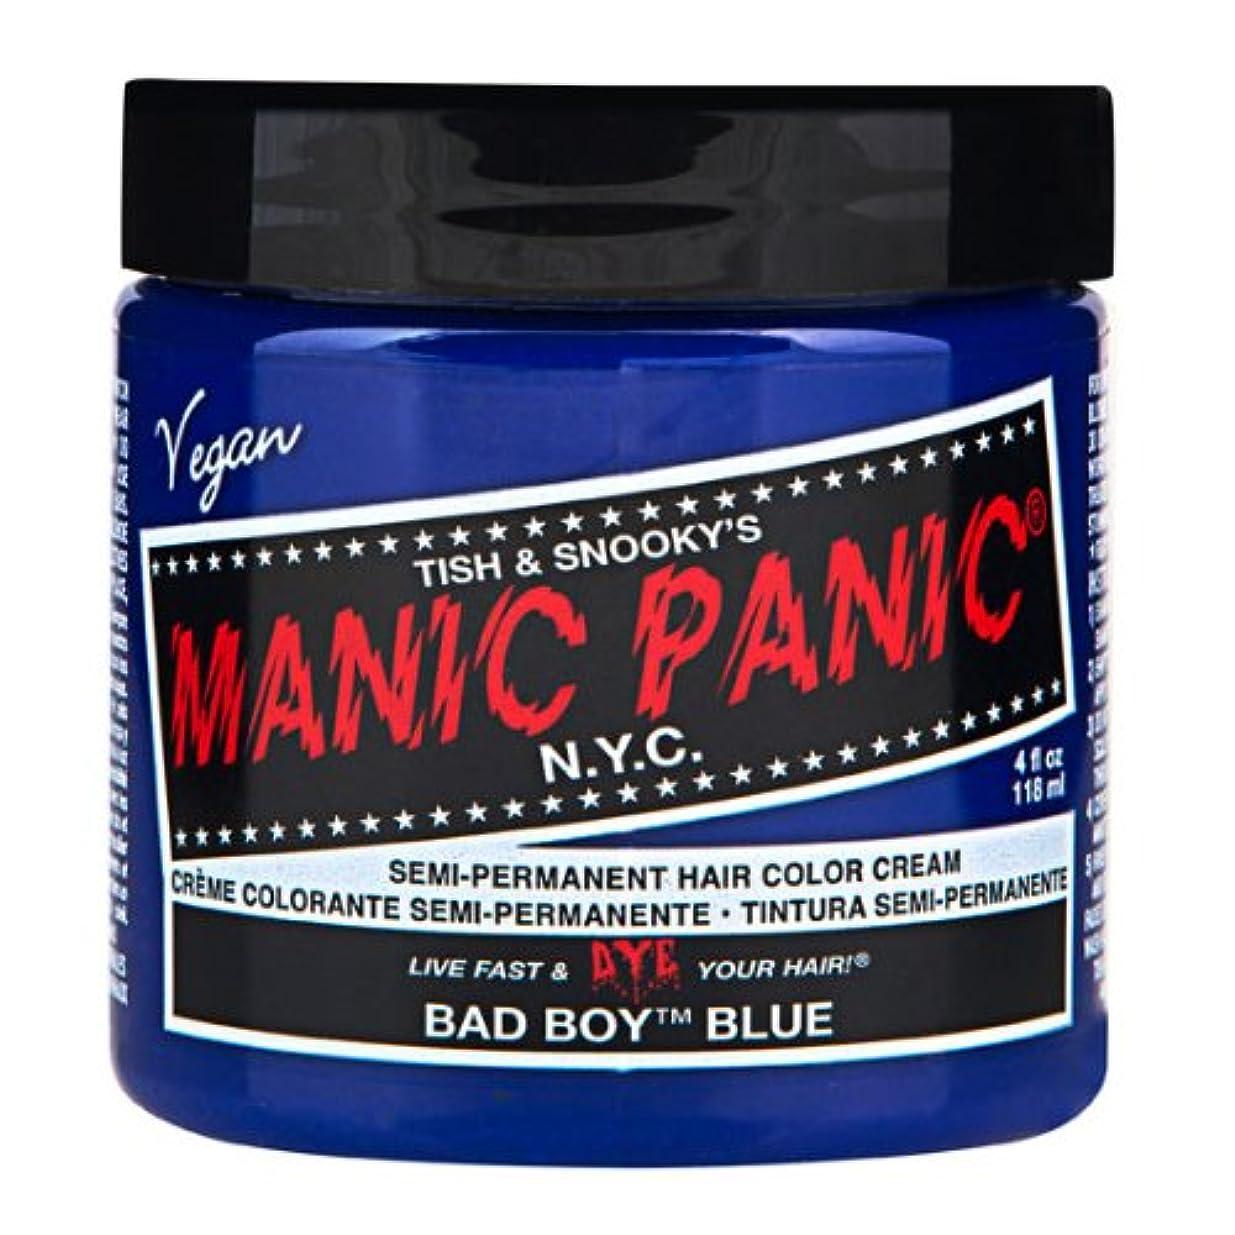 窒息させる柔らかさ腐敗マニックパニック MANIC PANIC ヘアカラー 118mlバッドボーイブルー ヘアーカラー